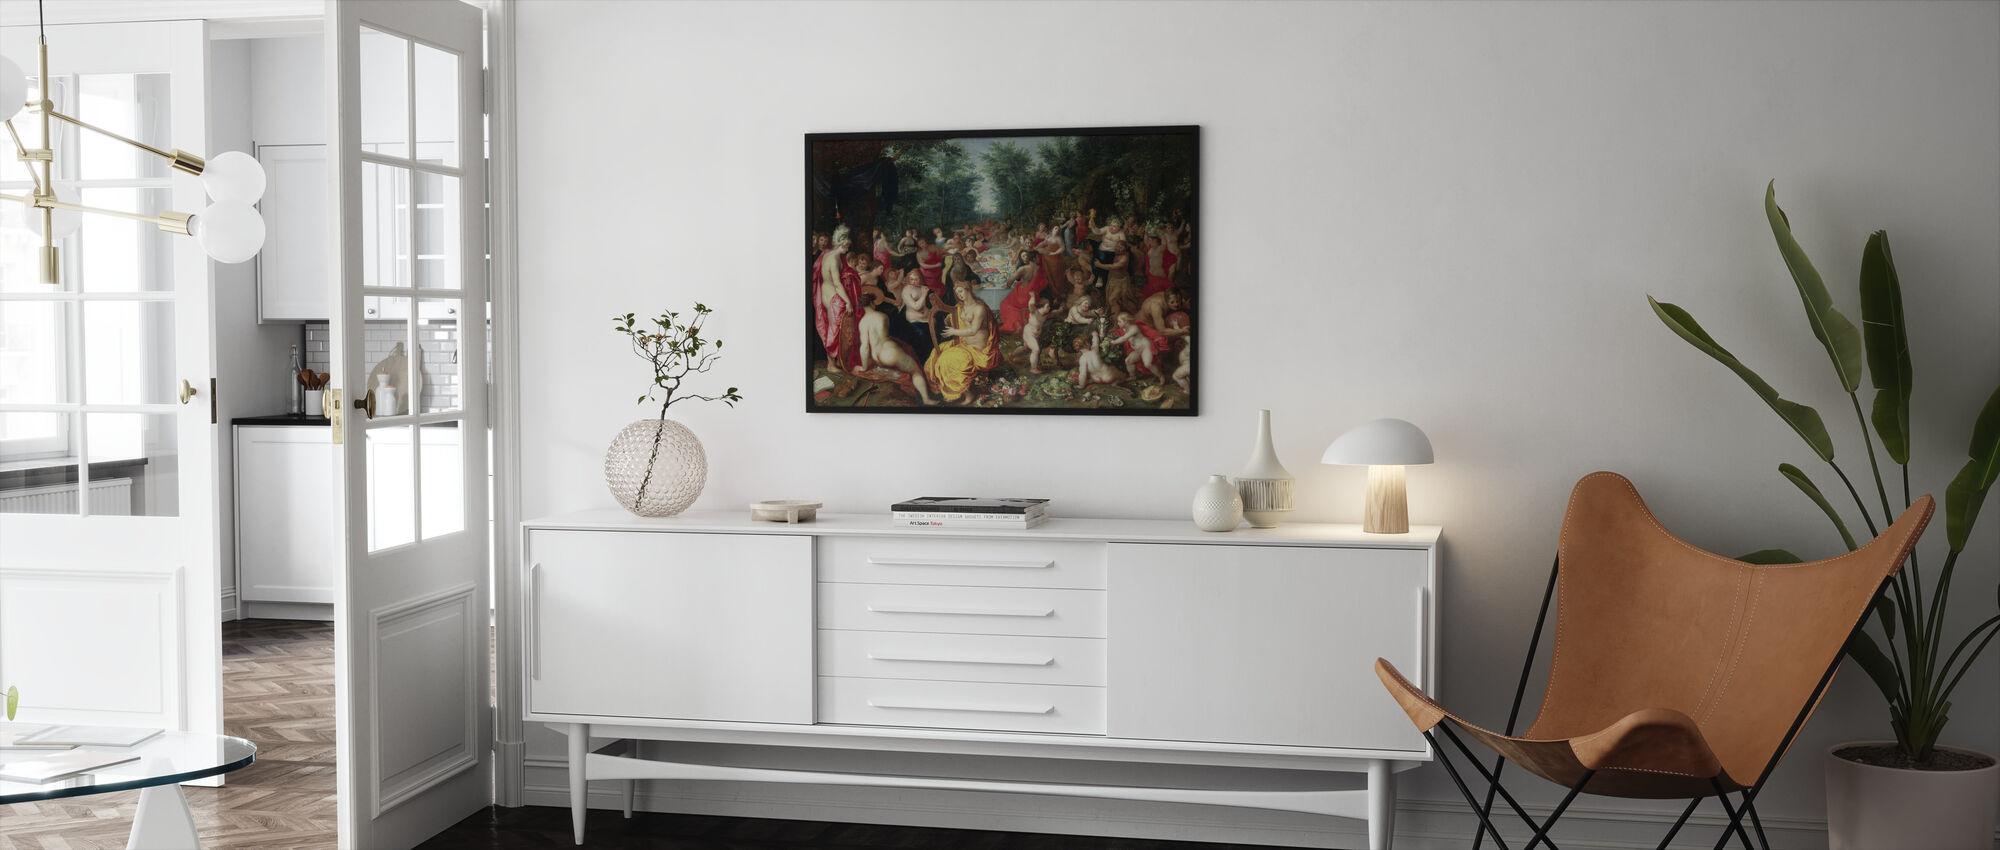 Feast of the Gods - Hendrik Balen - Framed print - Living Room